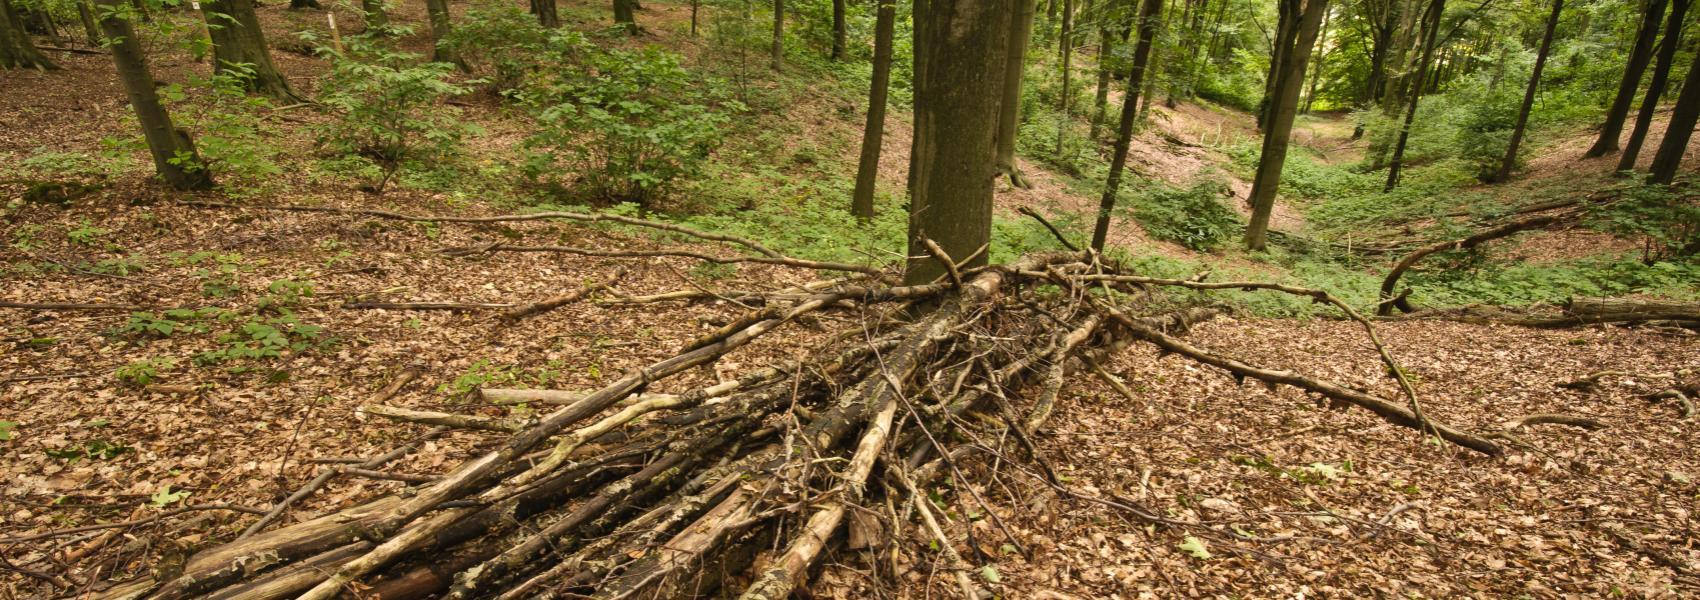 stapel lange takken met op de achtergrond zicht in het bos